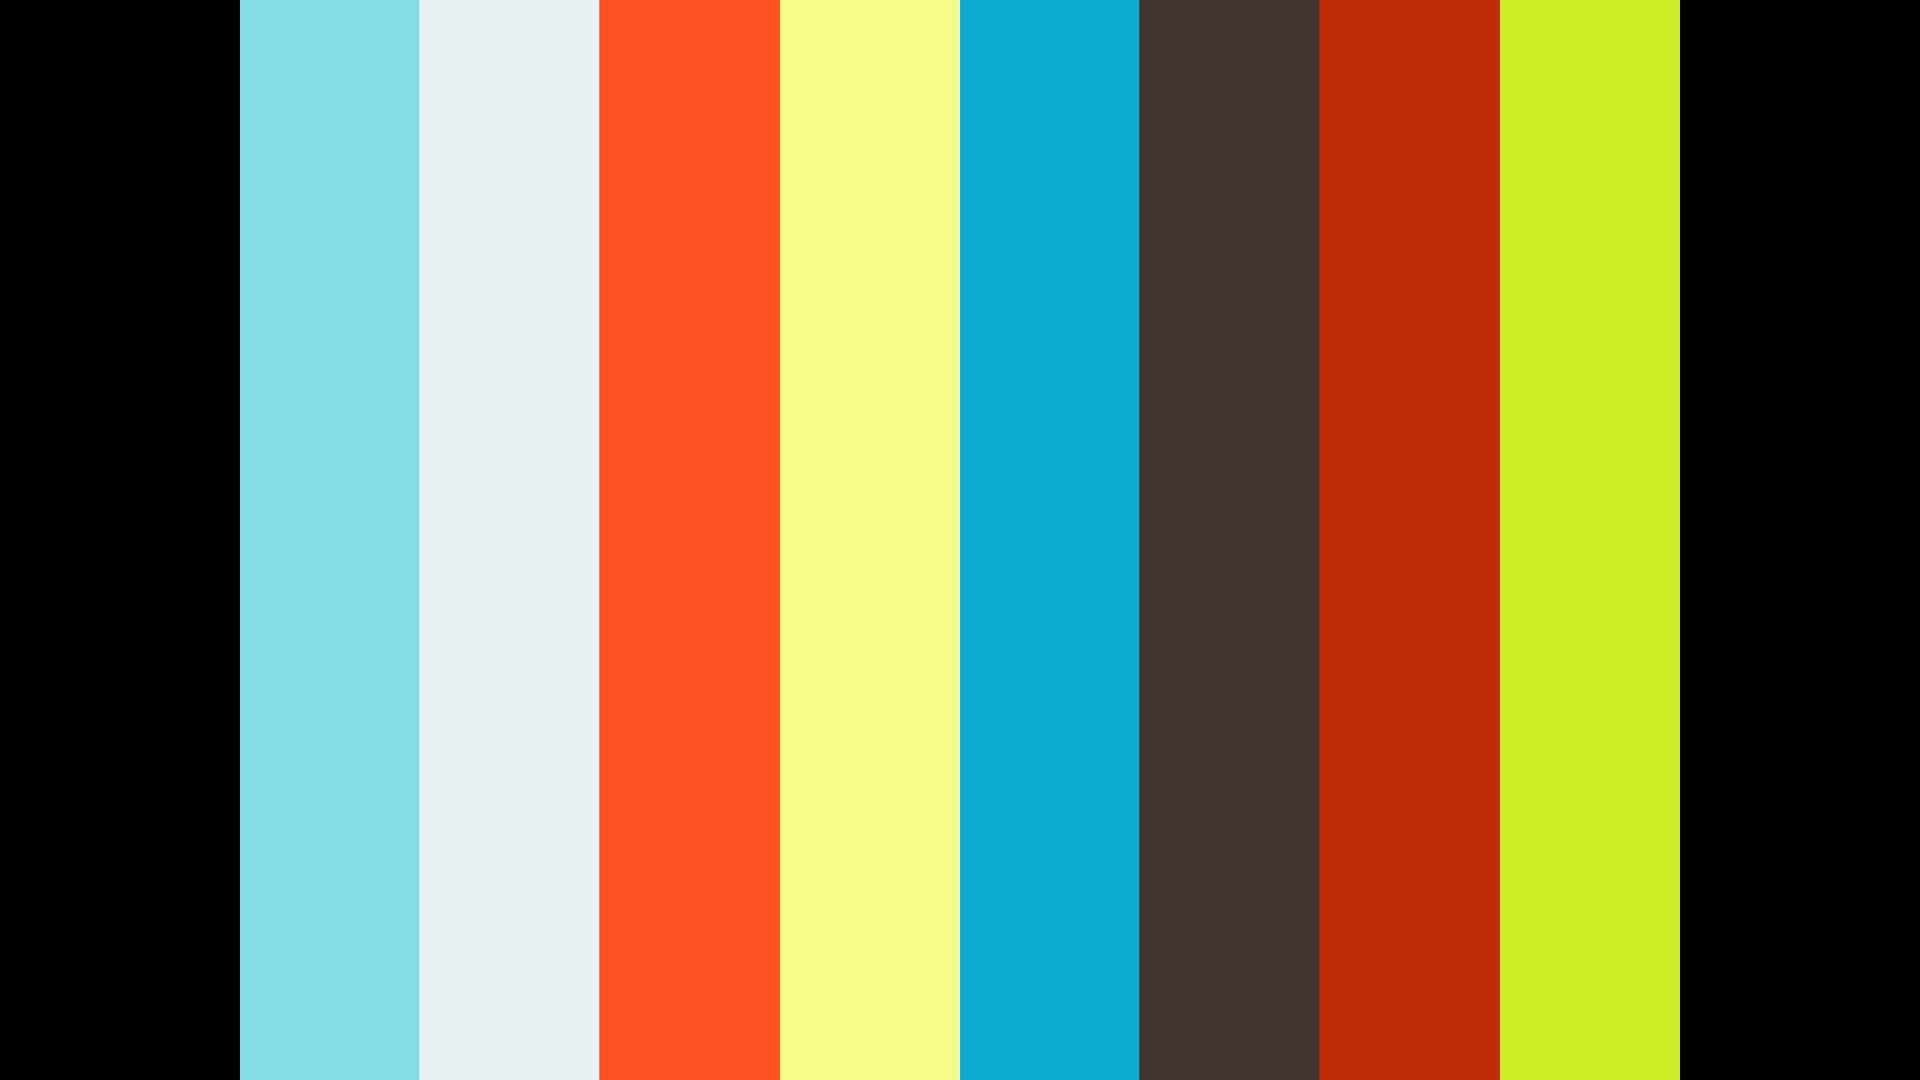 wmf – 19 July 2020 – 08-39-52 AM